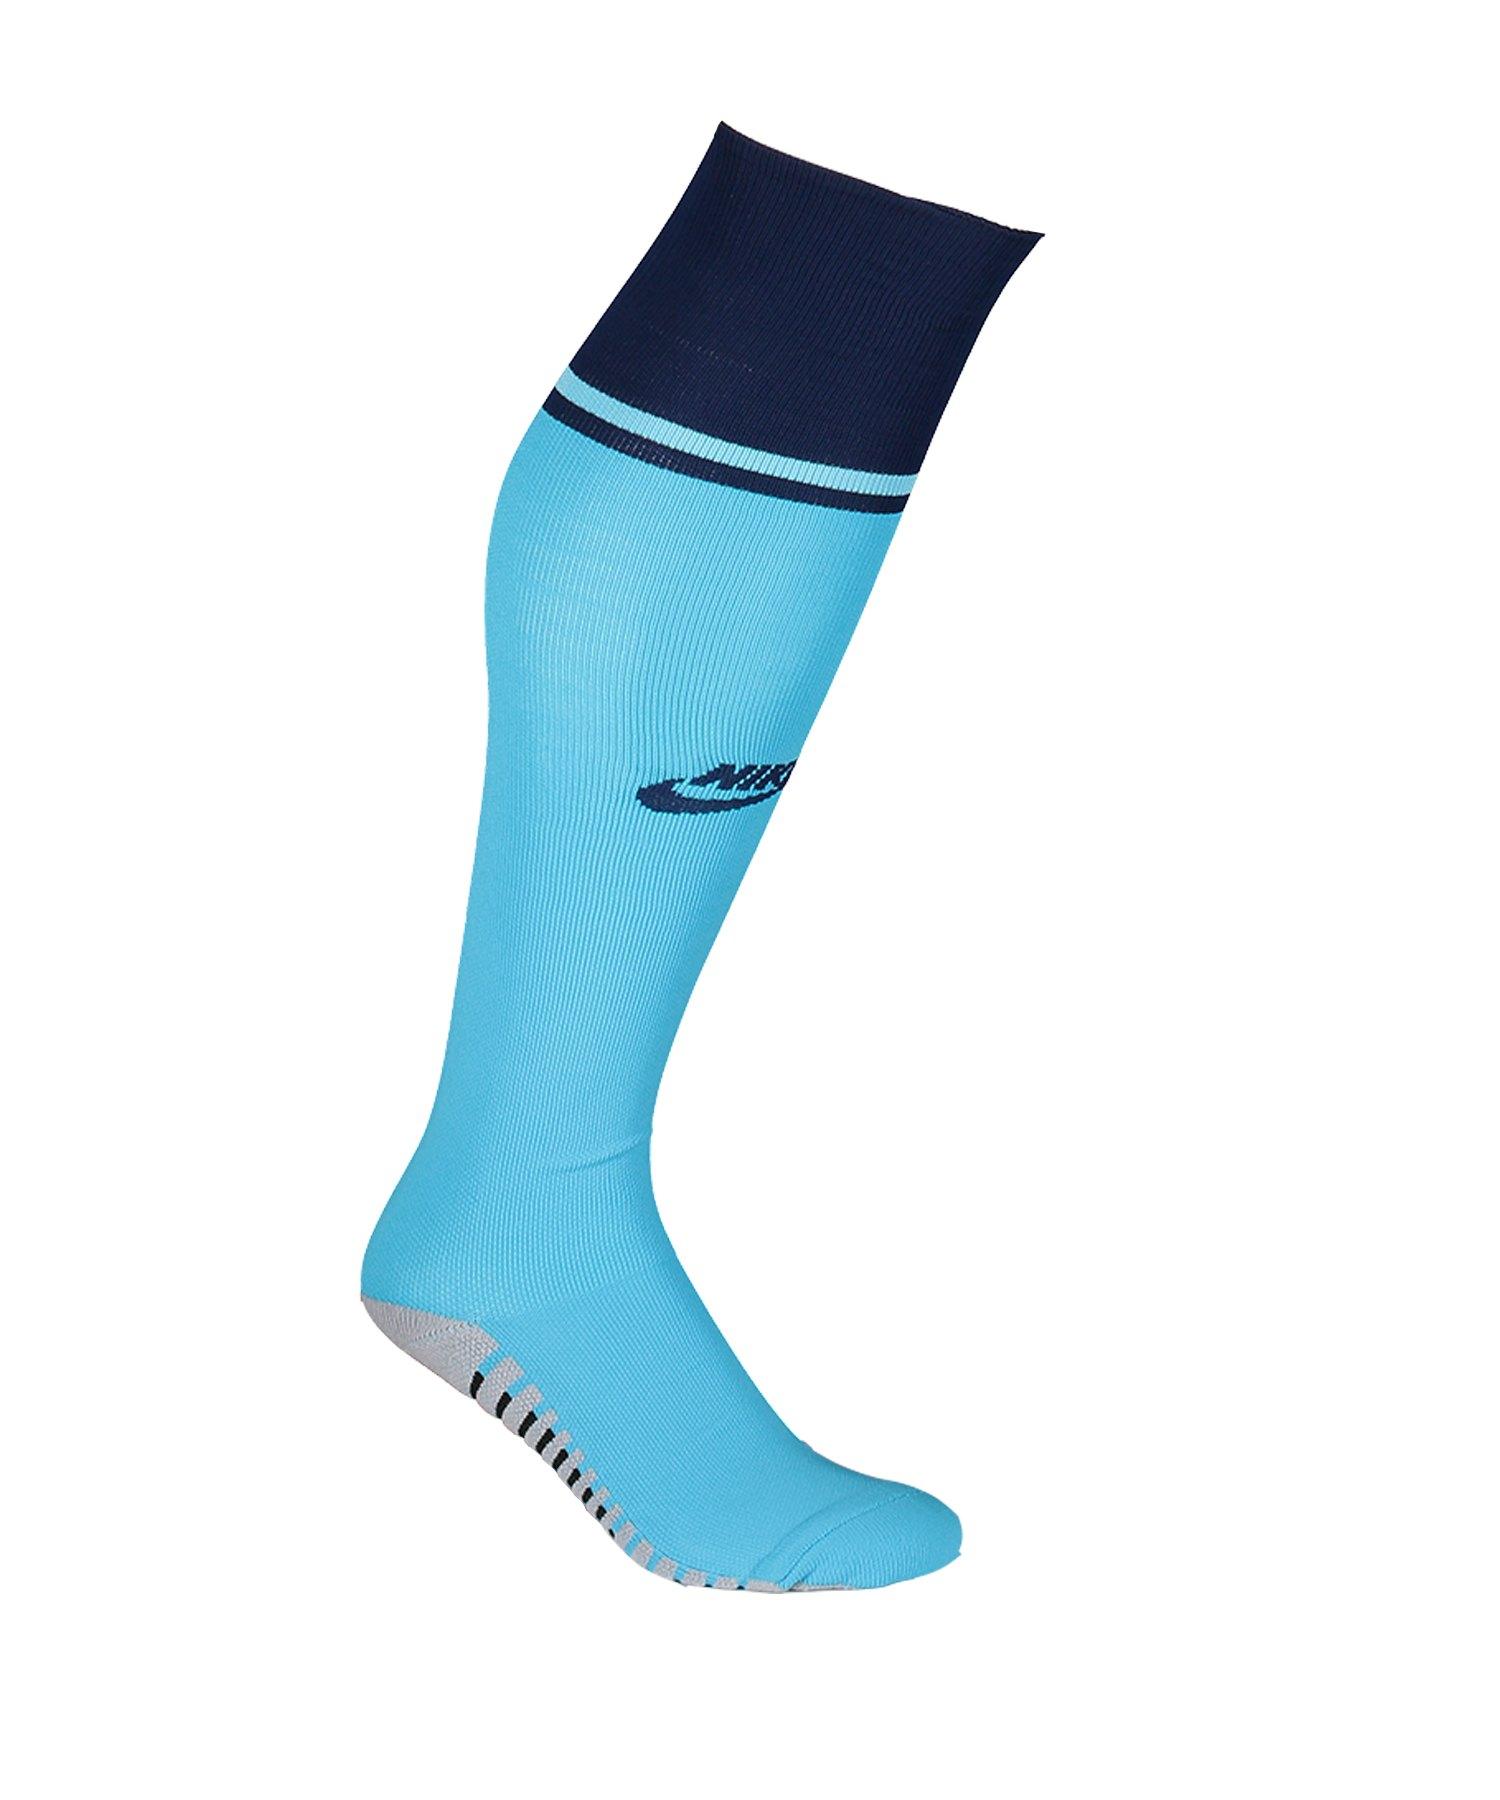 Nike Tottenham Hotspur Stutzen UCL 2019/2020 F486 - blau